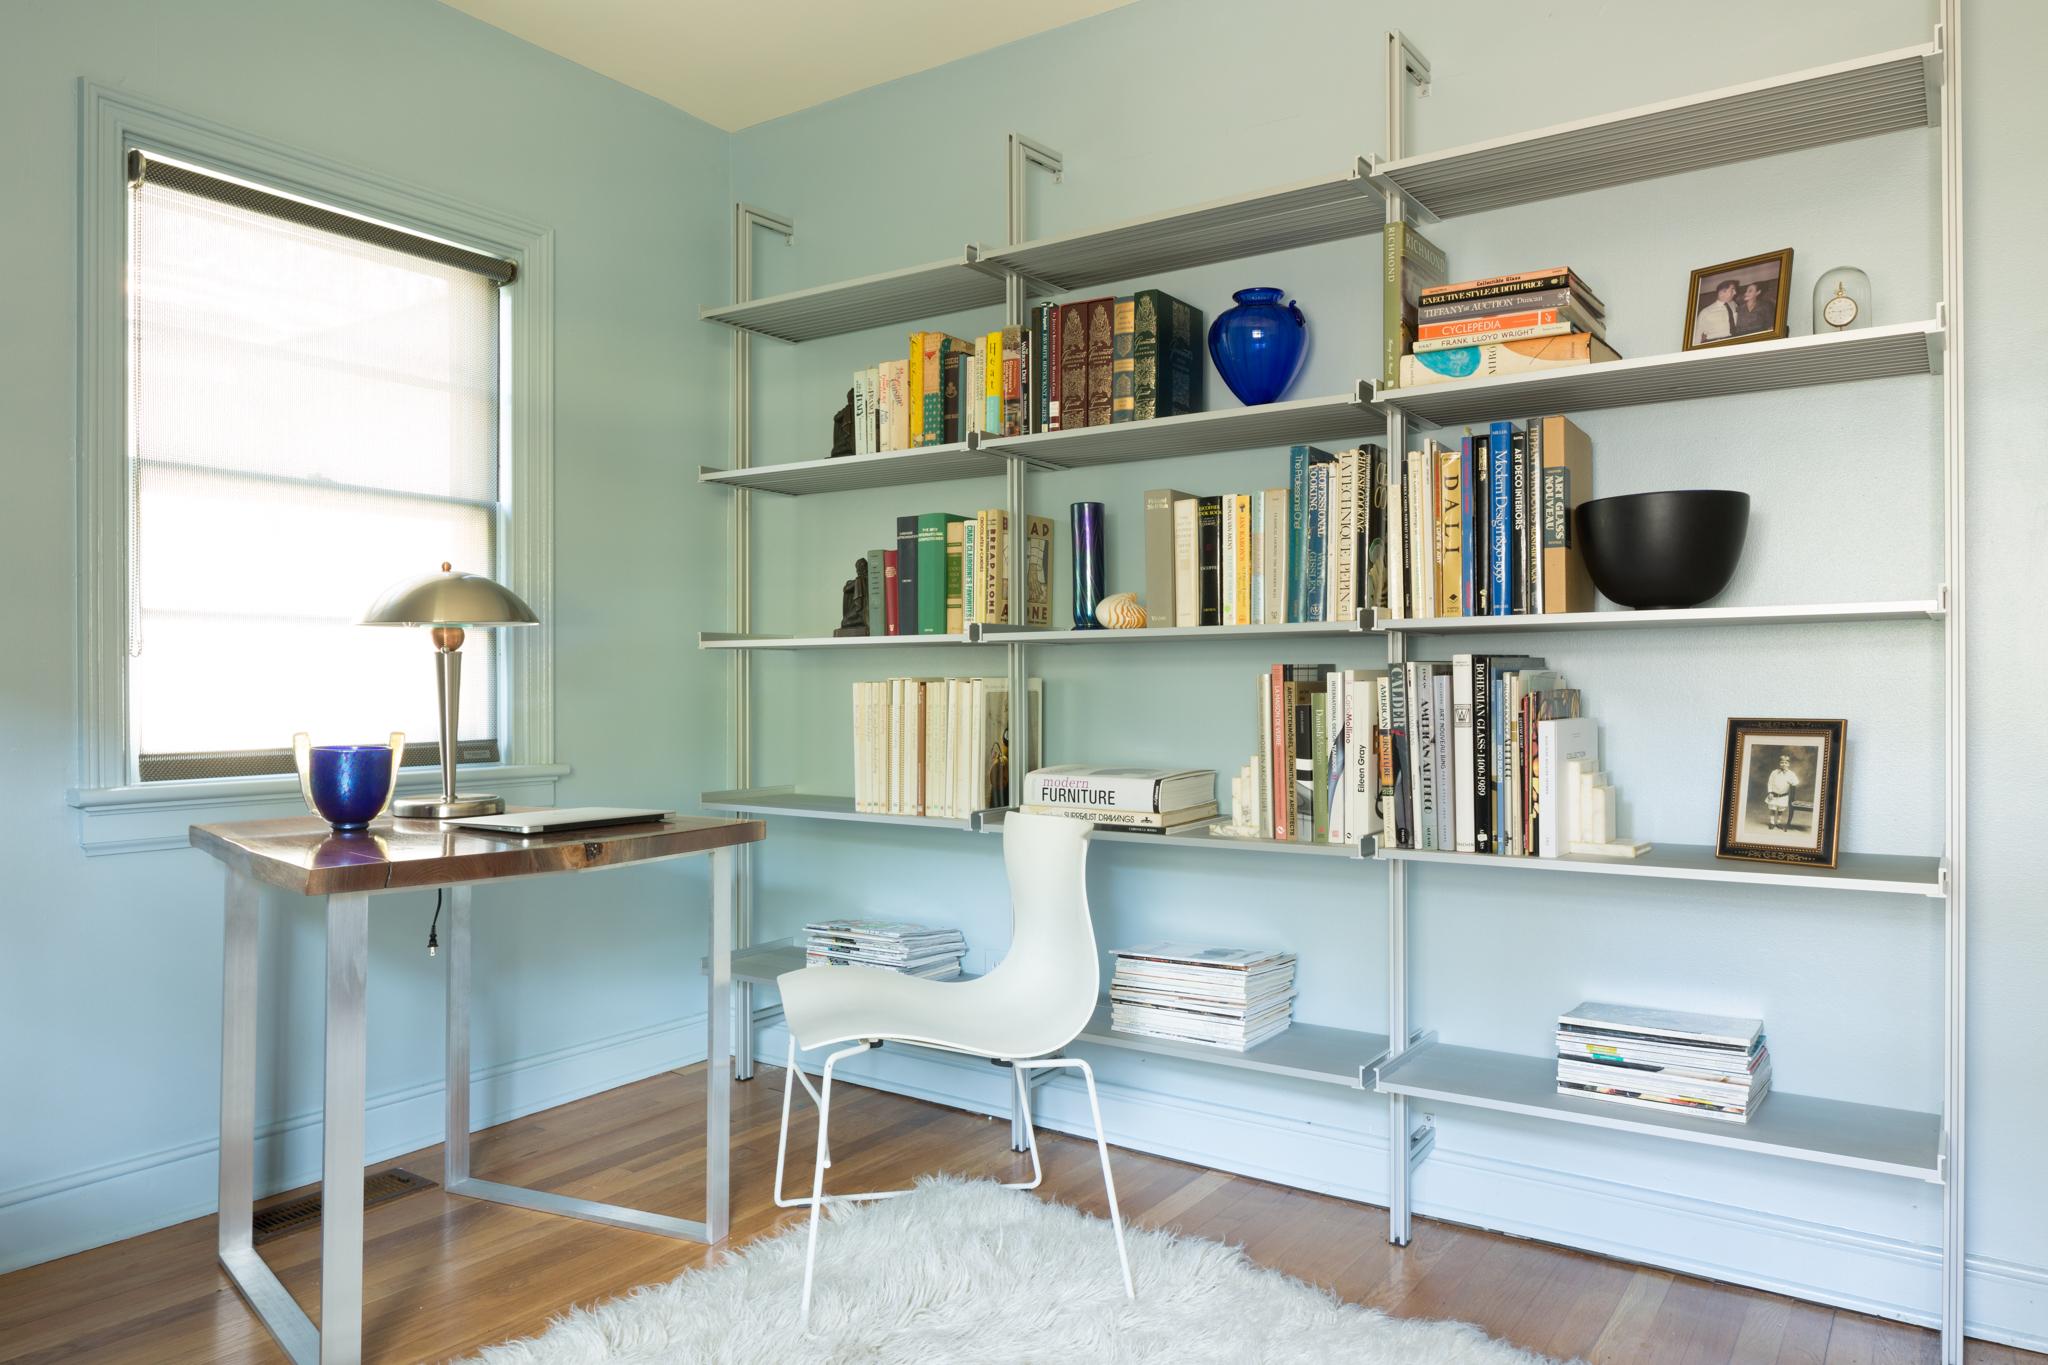 richmond-interior-design-16.jpg